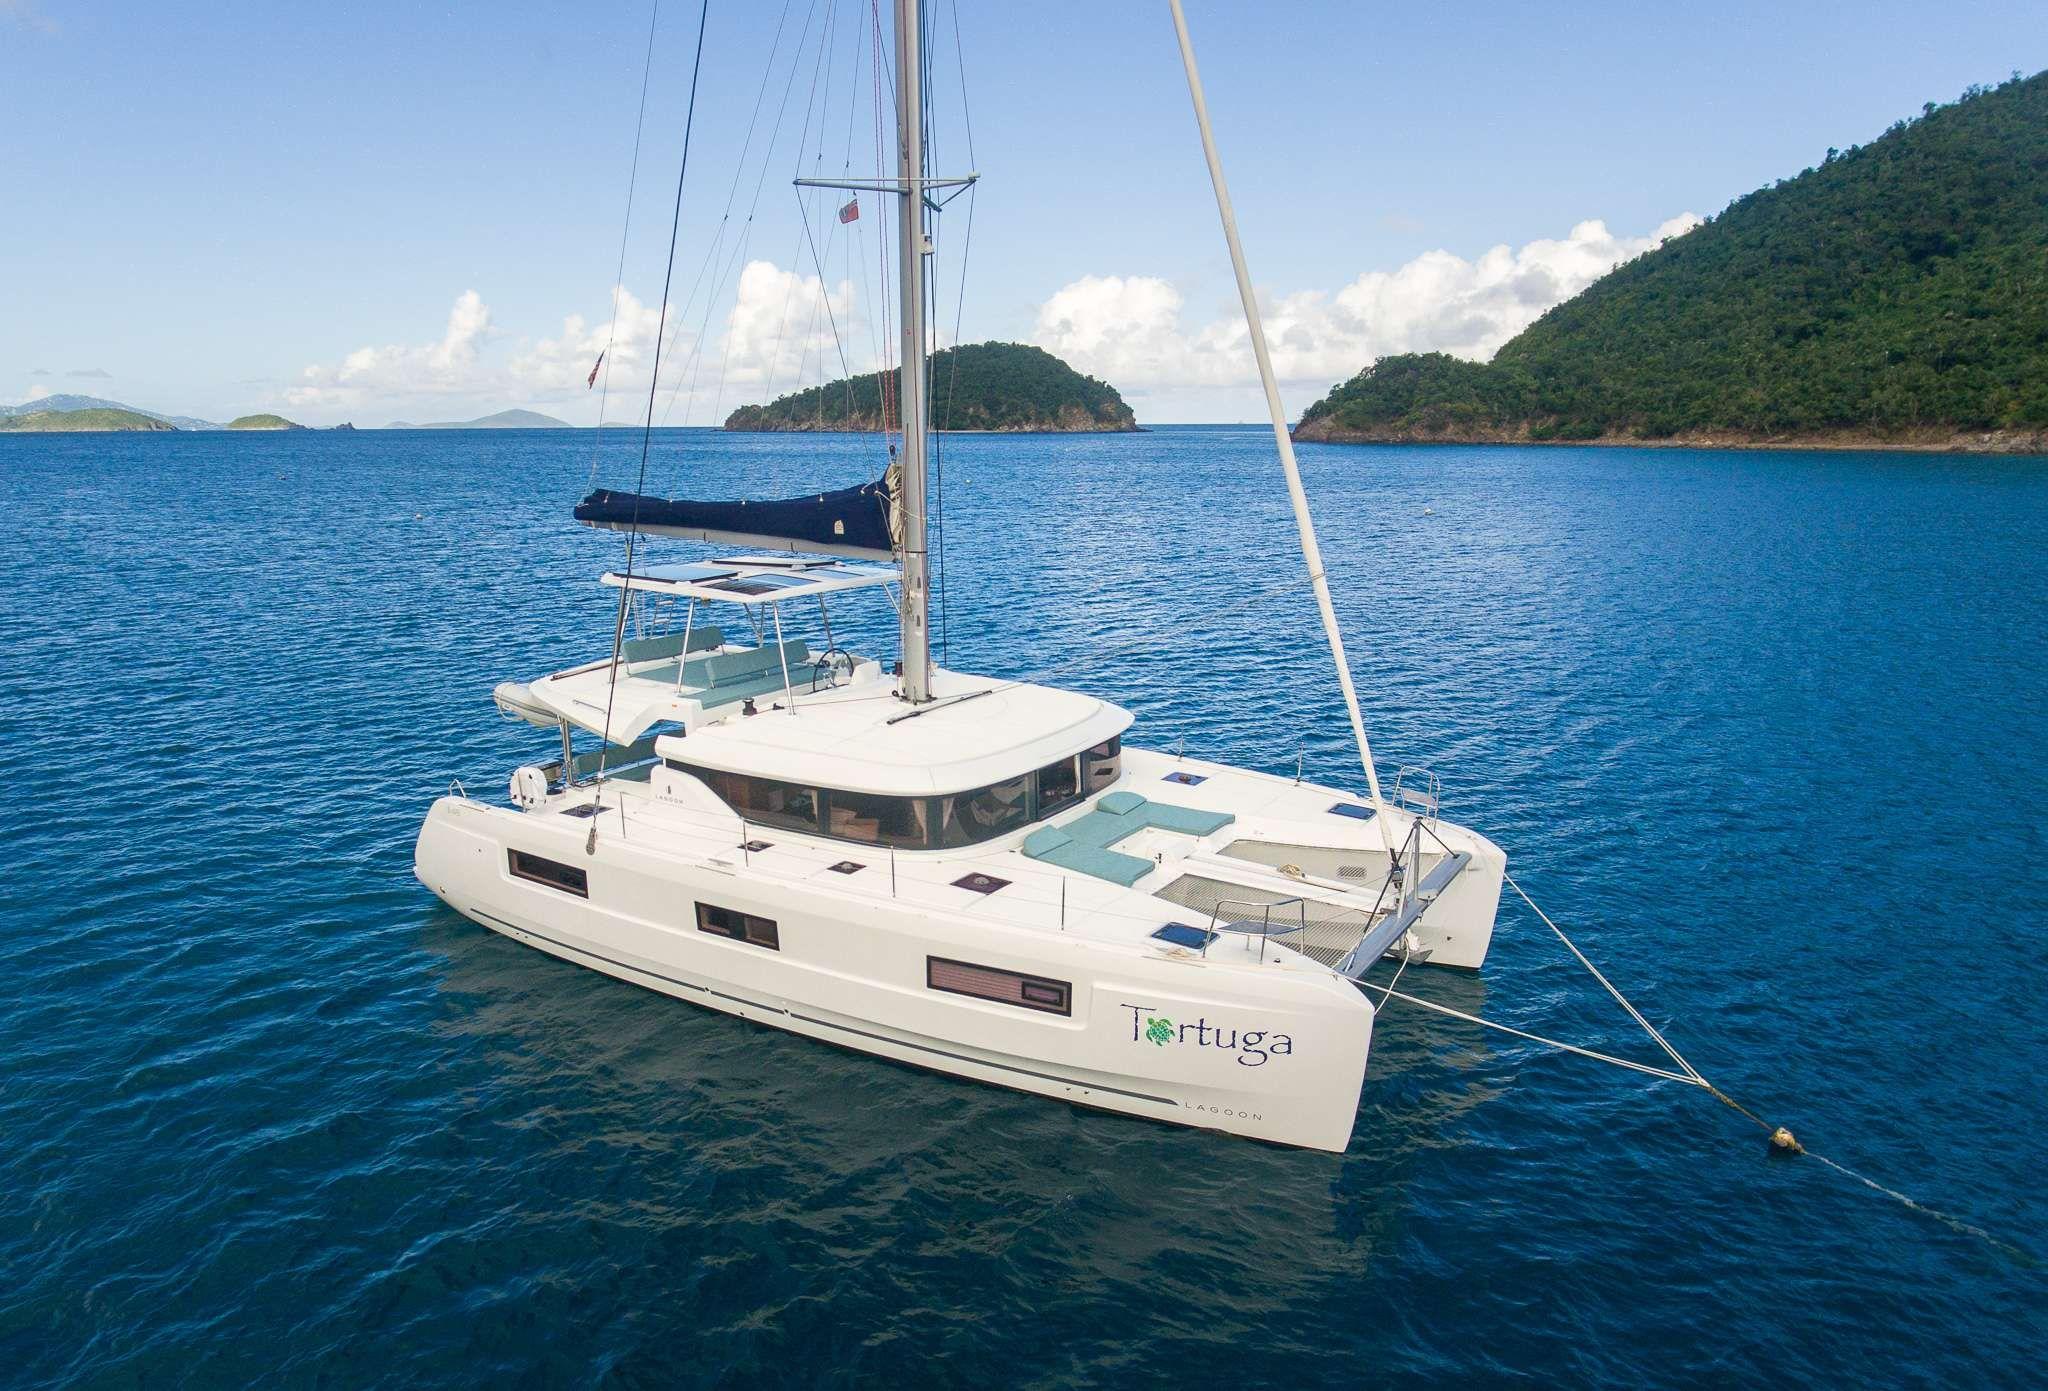 TORTUGA - Lagoon 46 - 3 Cabins - Virgin Islands